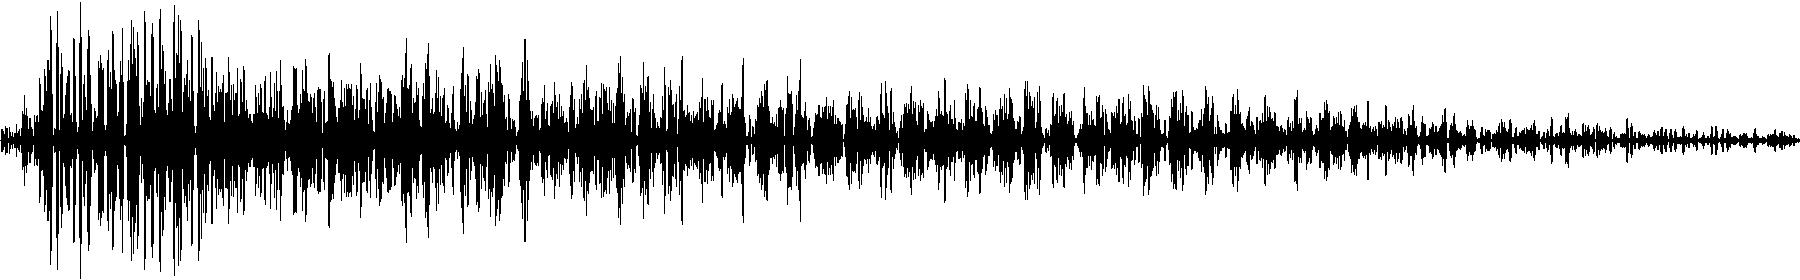 veh2 synths   073 c